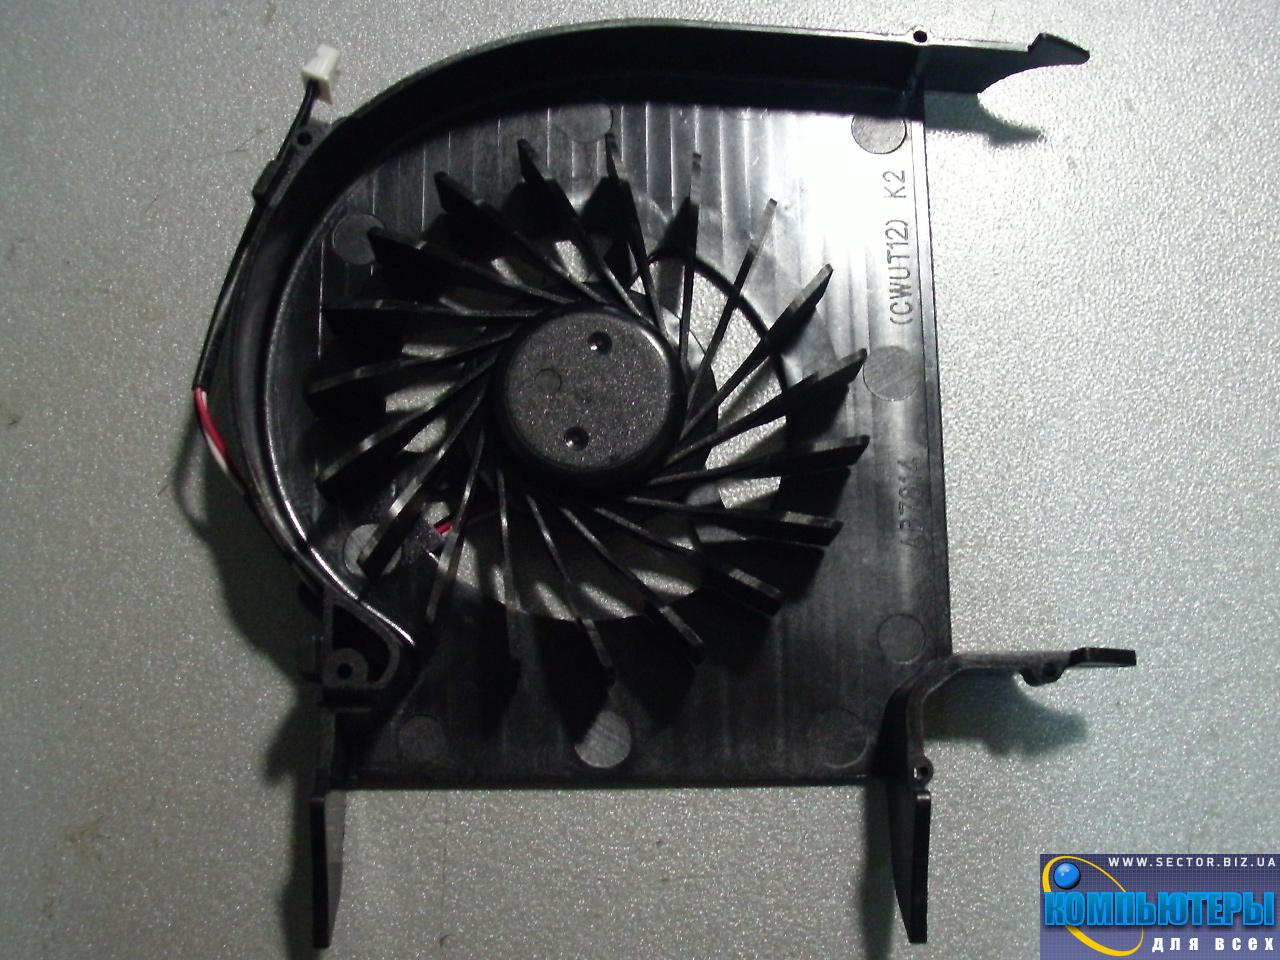 Кулер к ноутбуку HP Pavilion DV6-1000 DV6-1100 DV6-1200 DV6-2000 DV6-2100 DV6-2200 DV6 DV6T DV6Z p/n: AB7805HX-L03. Фото № 3.